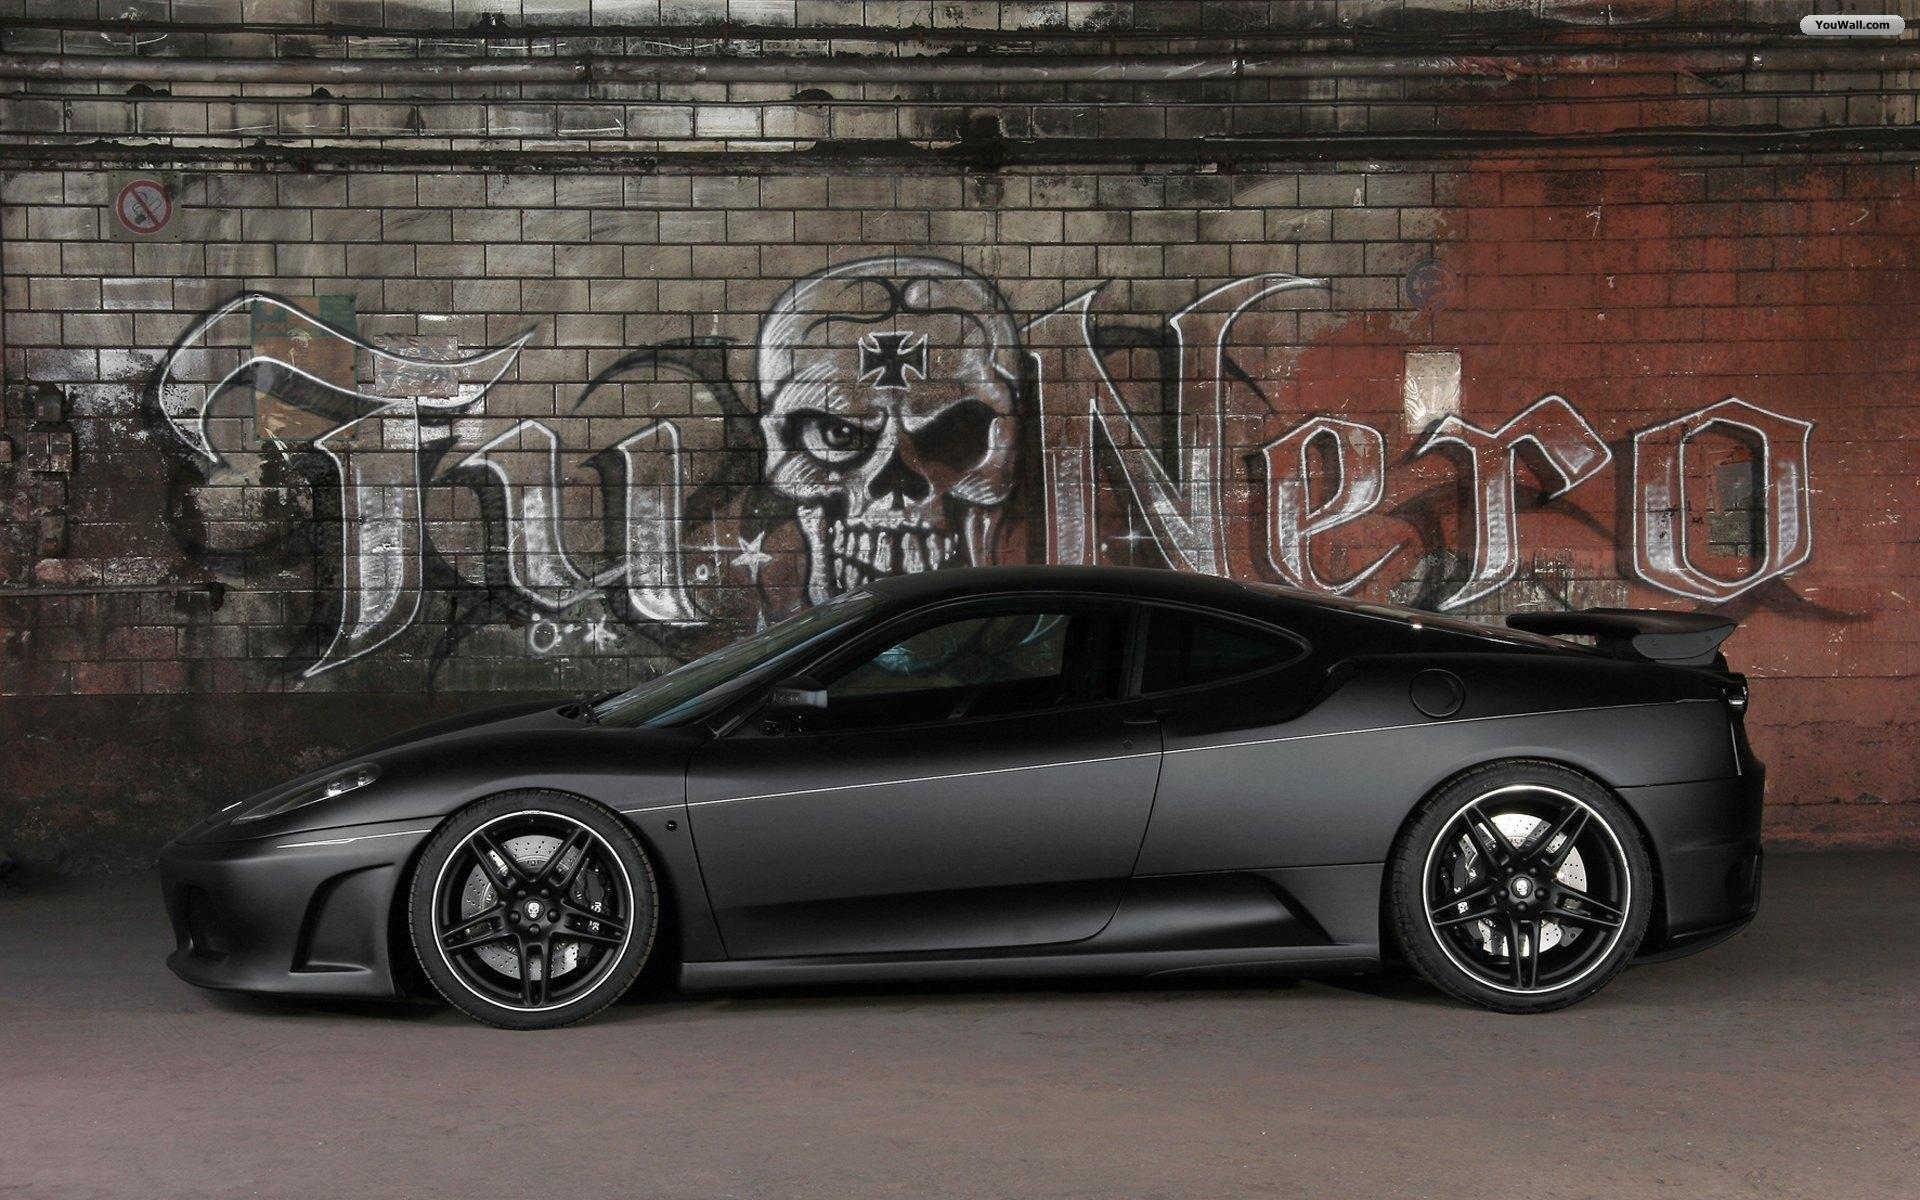 Res: 1920x1200, Black Ferrari Wallpaper 1 Free Hd Wallpaper